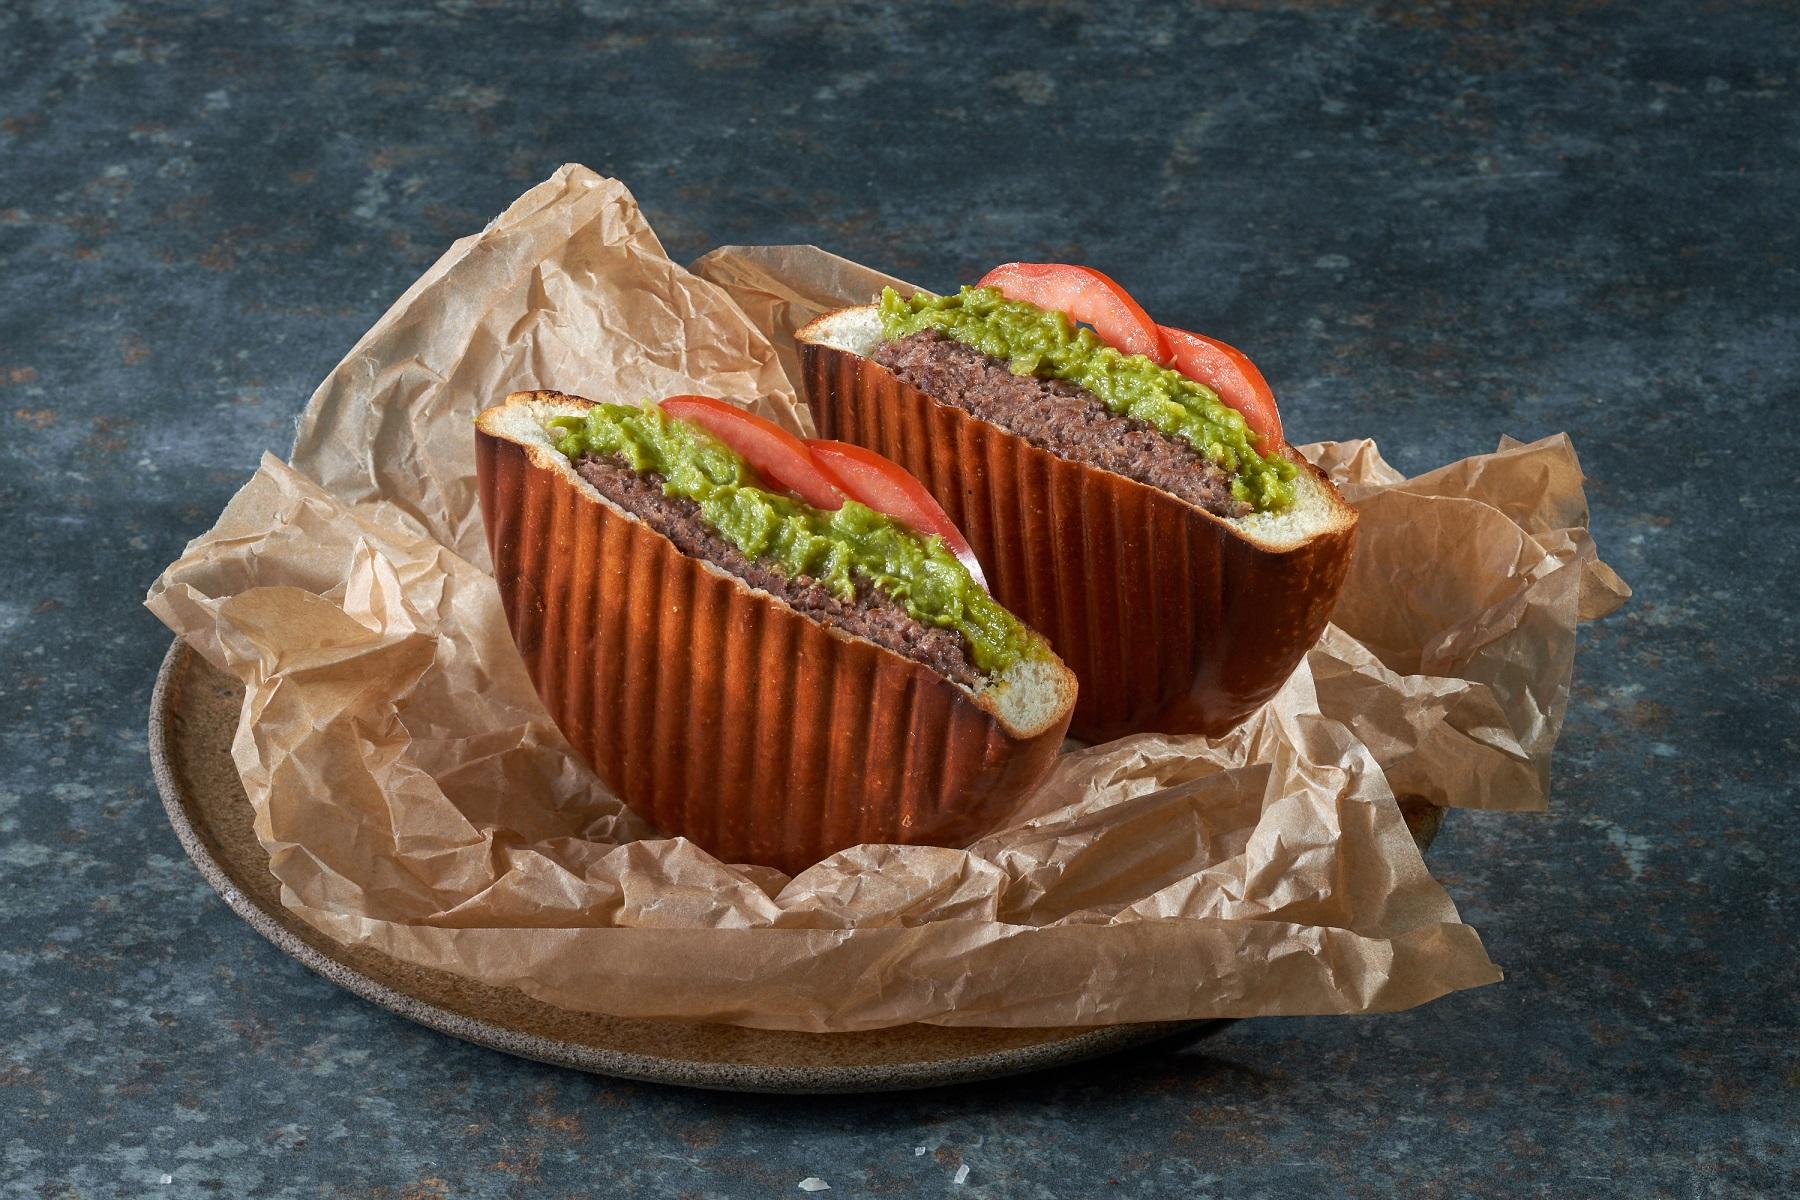 טוסטבורגר גוואקמולי עם ריבת צילי ועגבנייה_צילום אנטולי מיכאלו